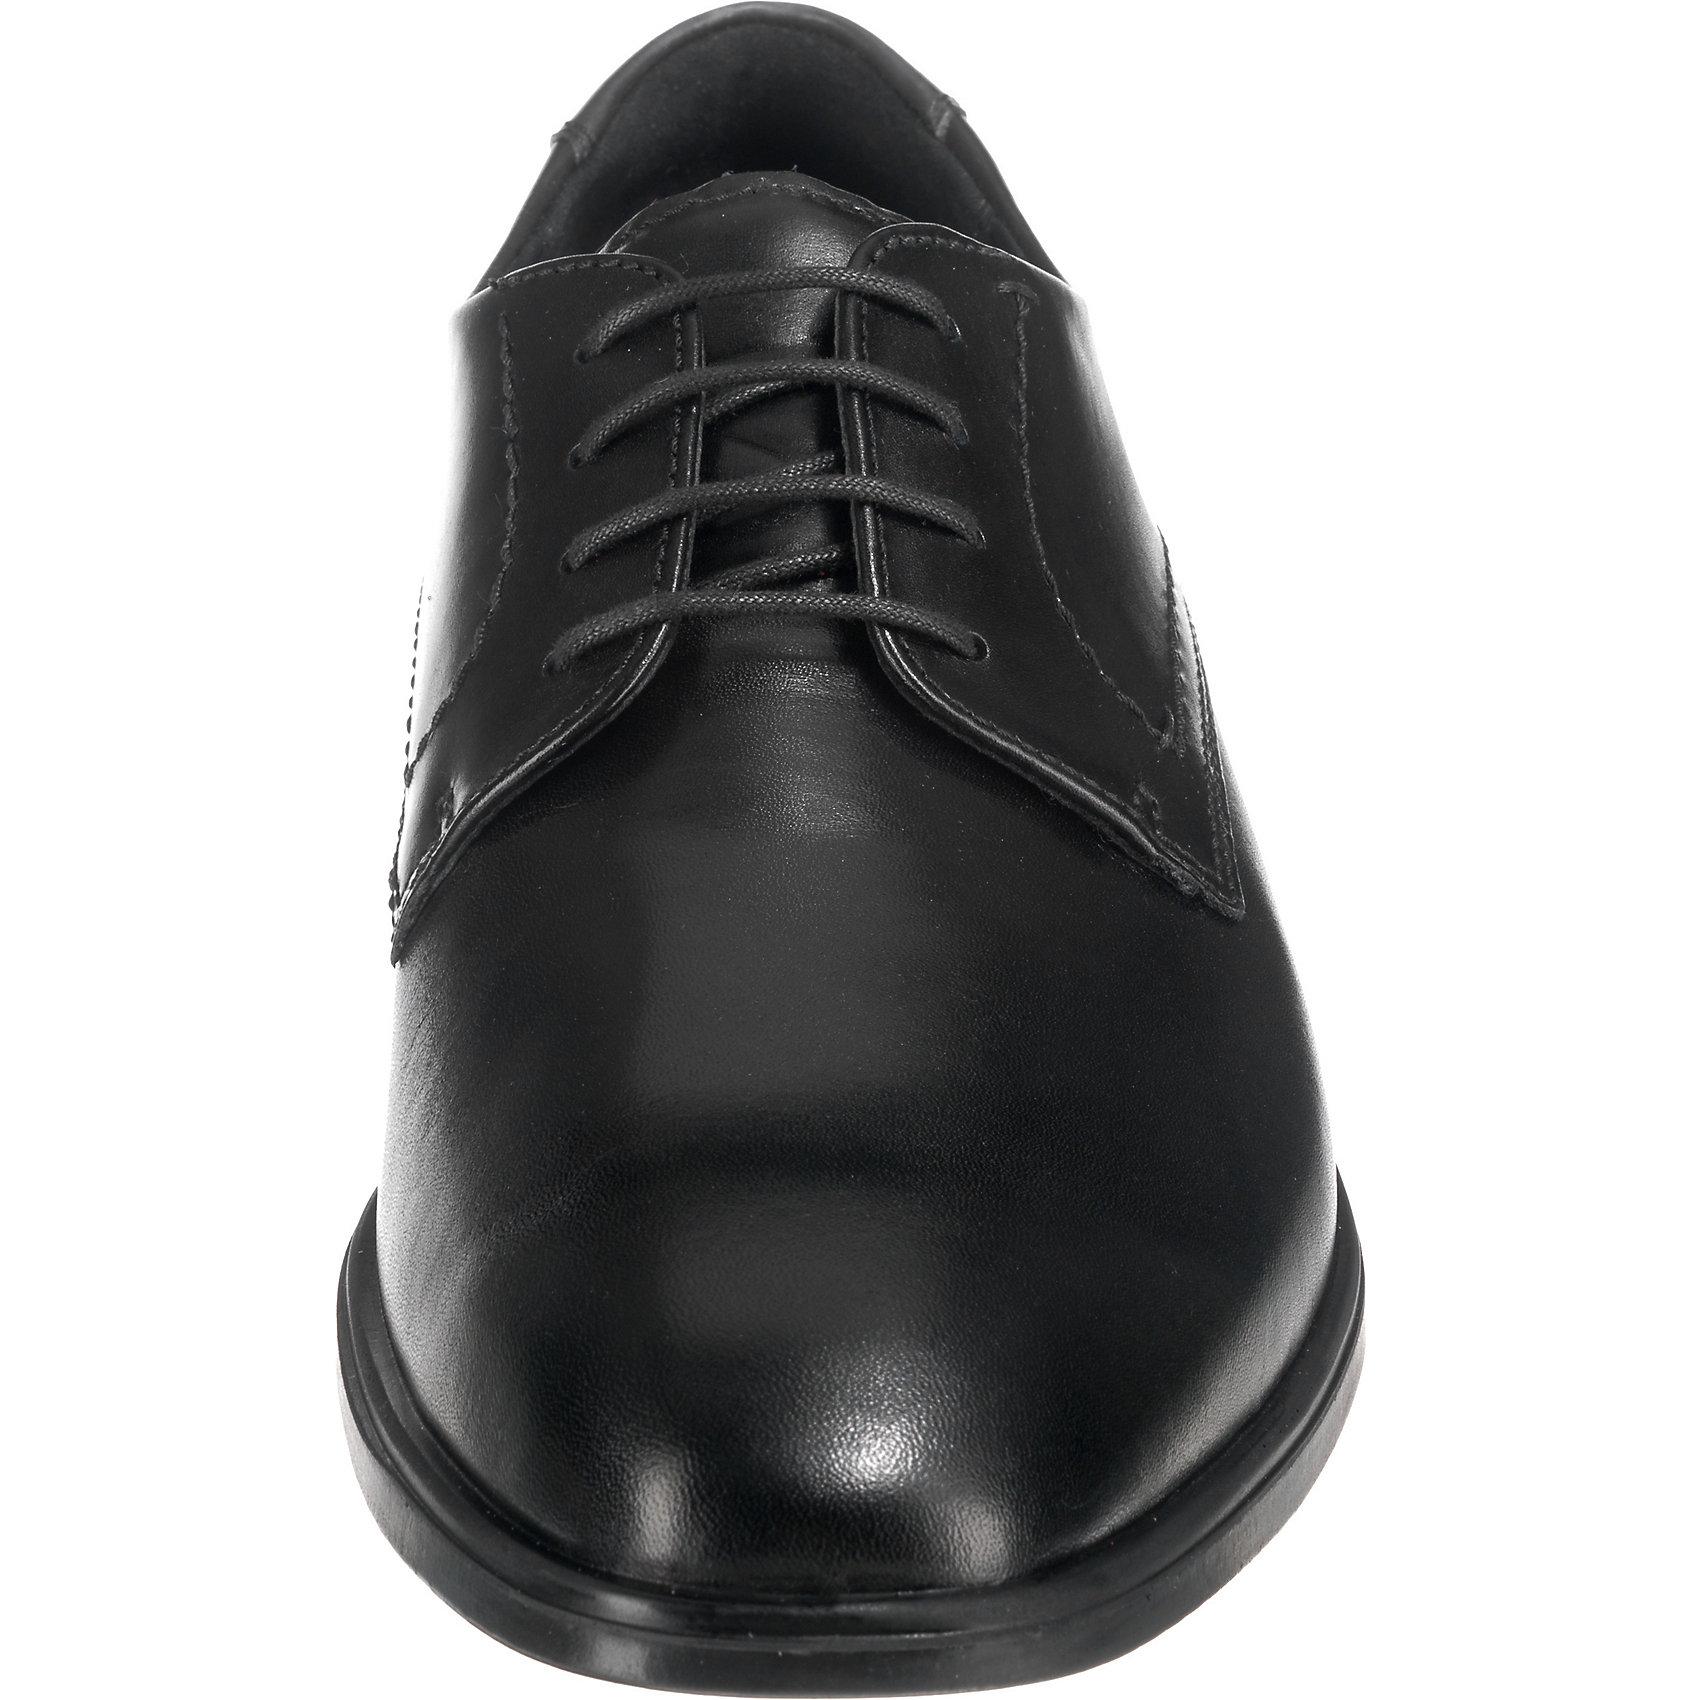 Neu Neu Neu ecco MELBOURNE Business-Schnürschuhe 7572088 für Herren schwarz  13efe2